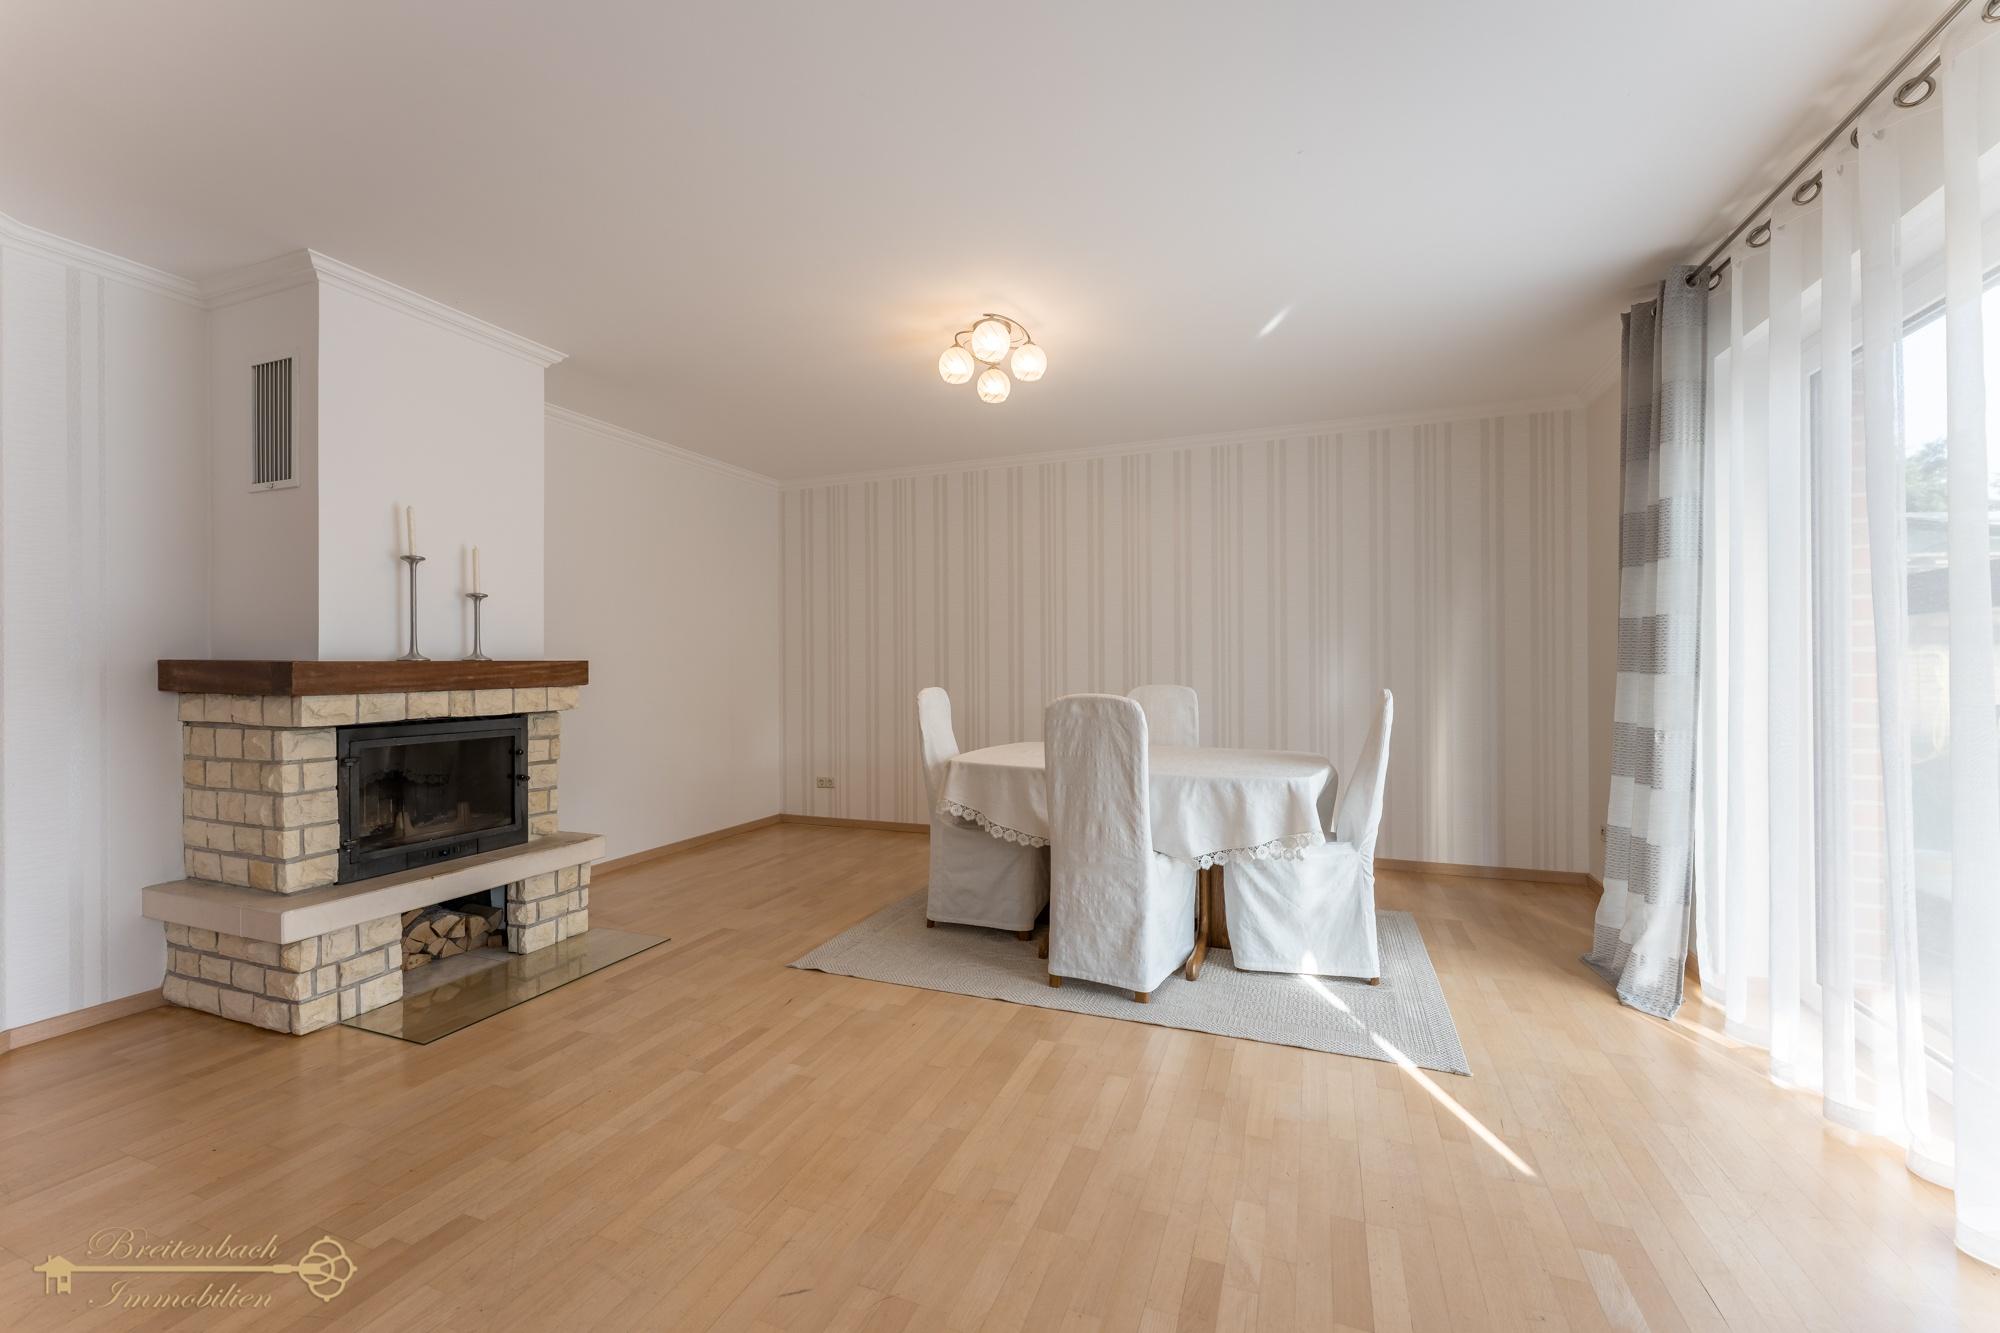 2021-03-25-Breitenbach-Immobilien-Makler-Bremen-7